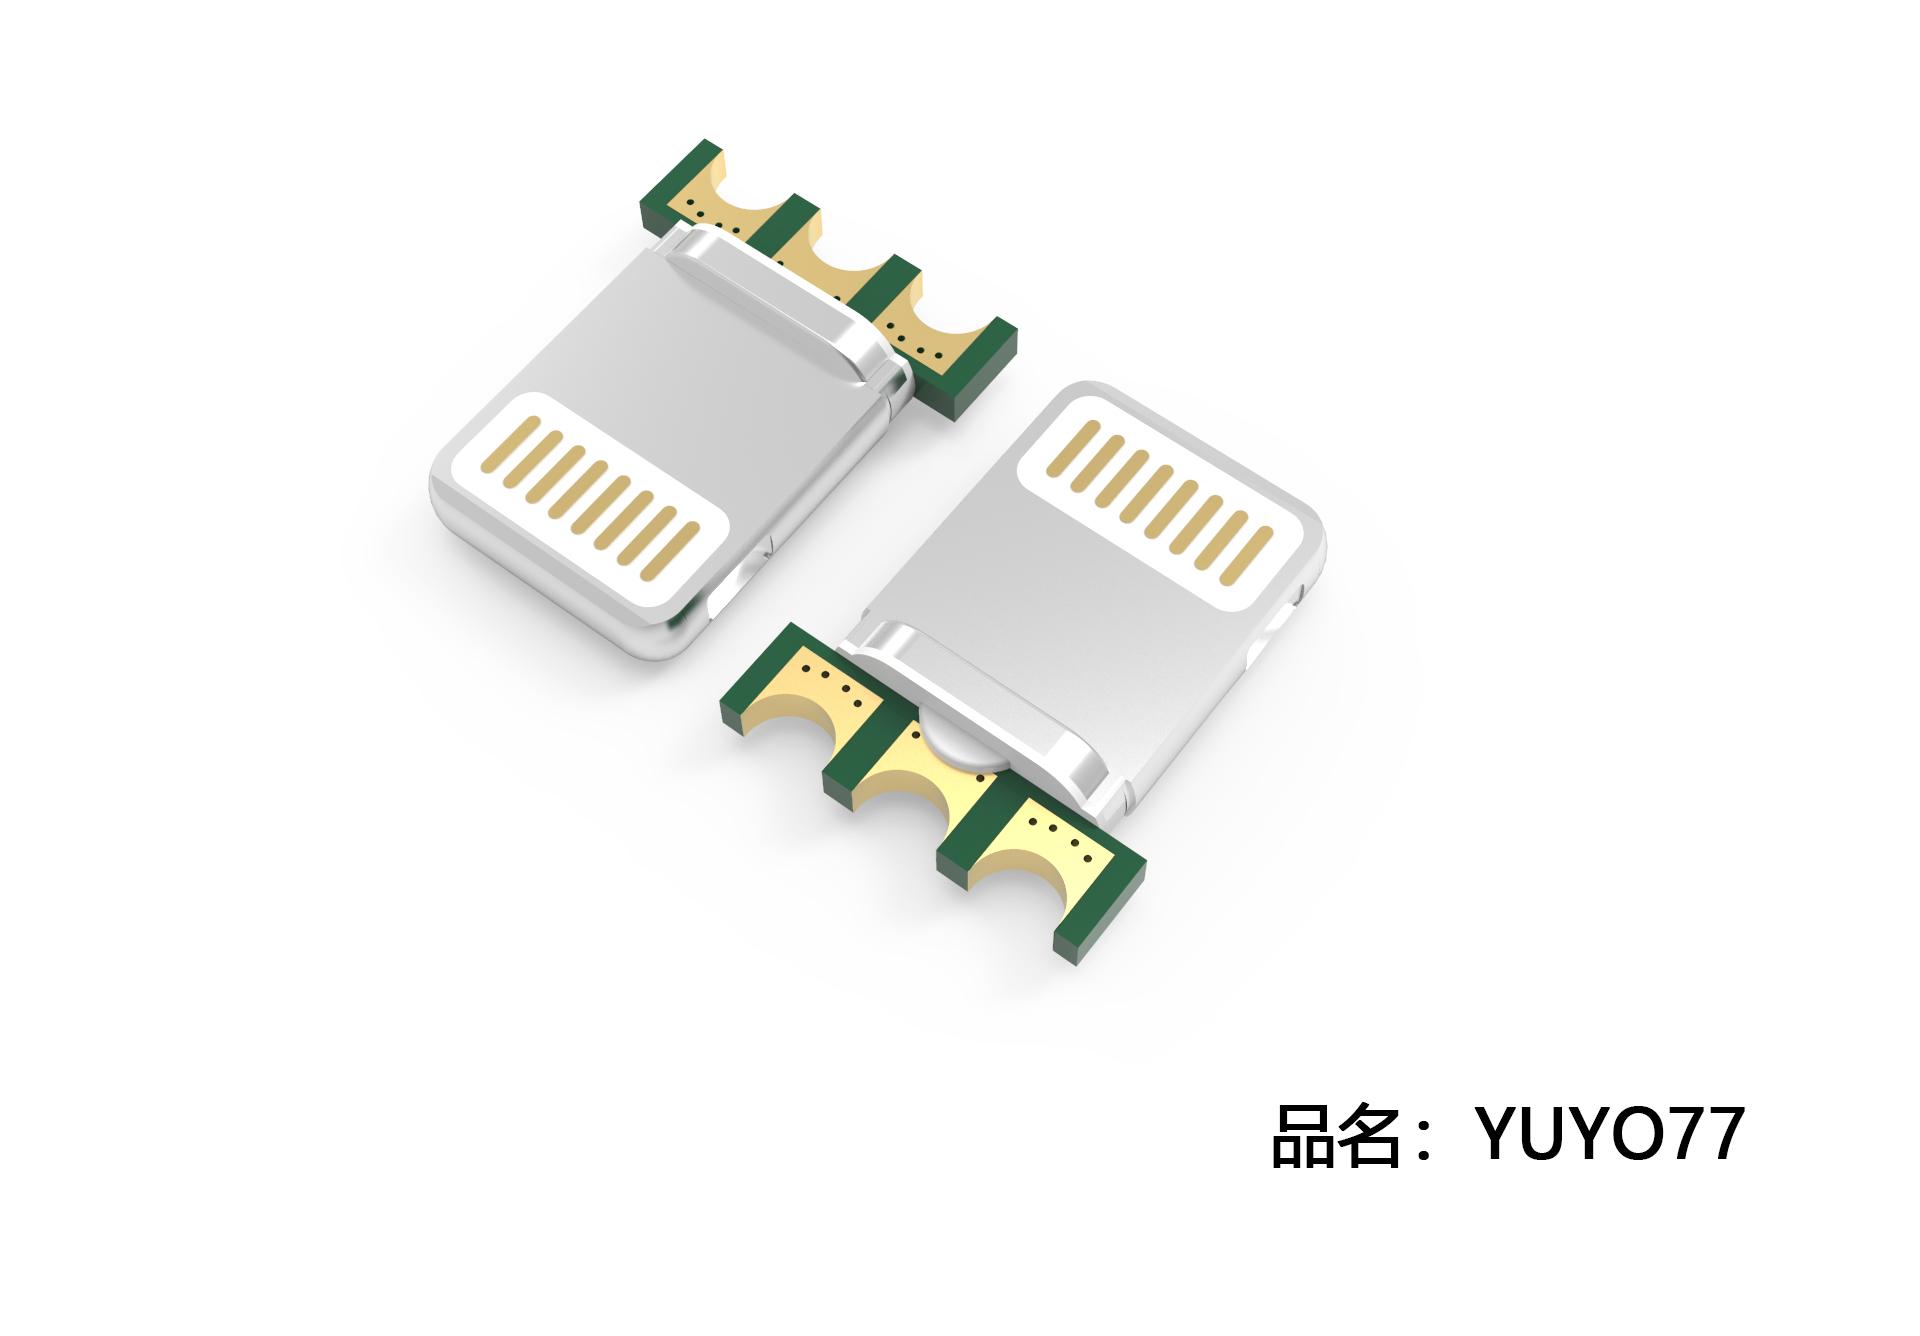 YUYO77